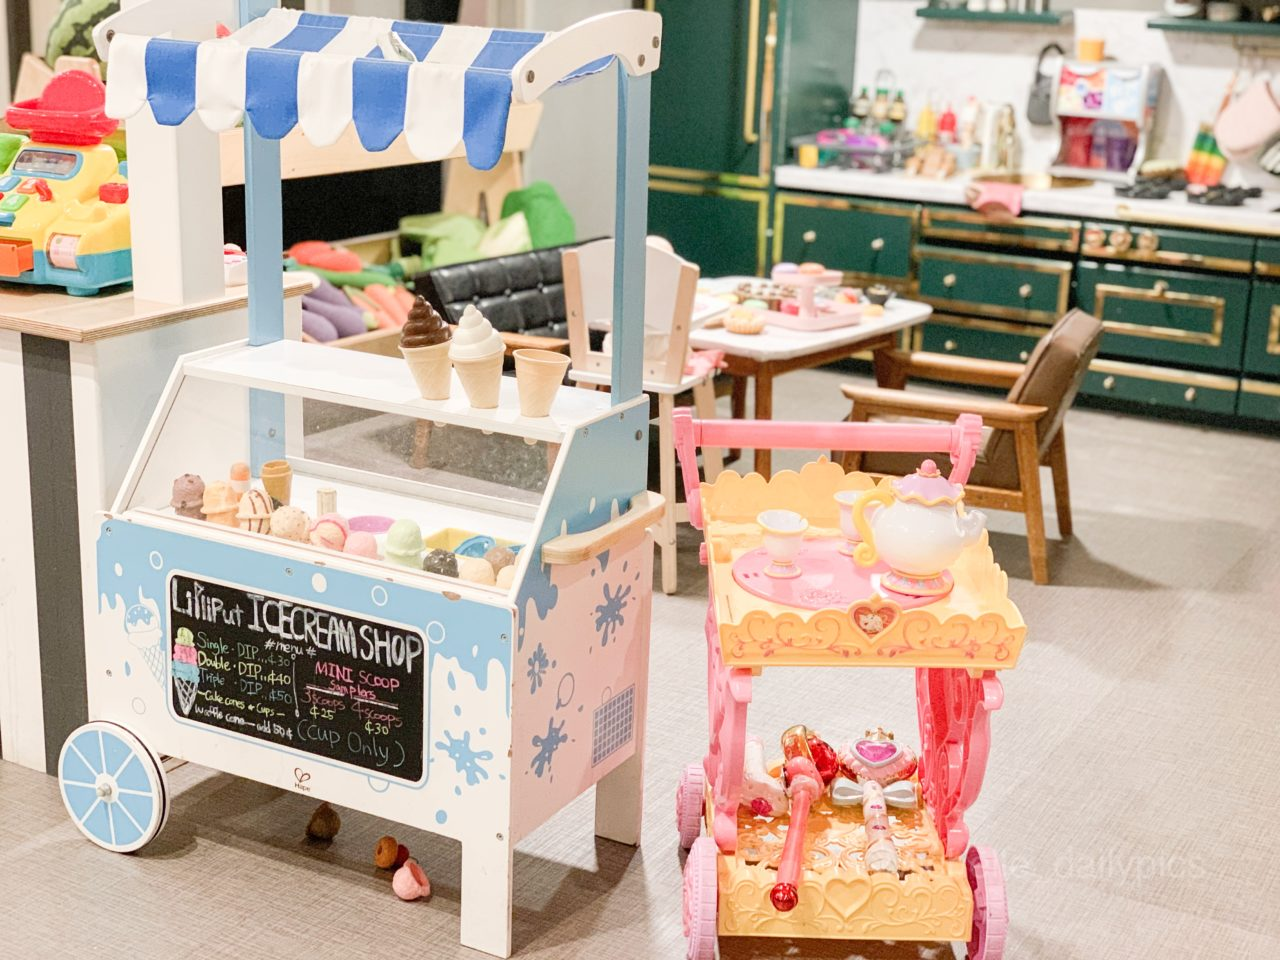 img 0046 - 子供と行く海外 - 韓国ソウルが赤ちゃんと一緒に楽しめる理由